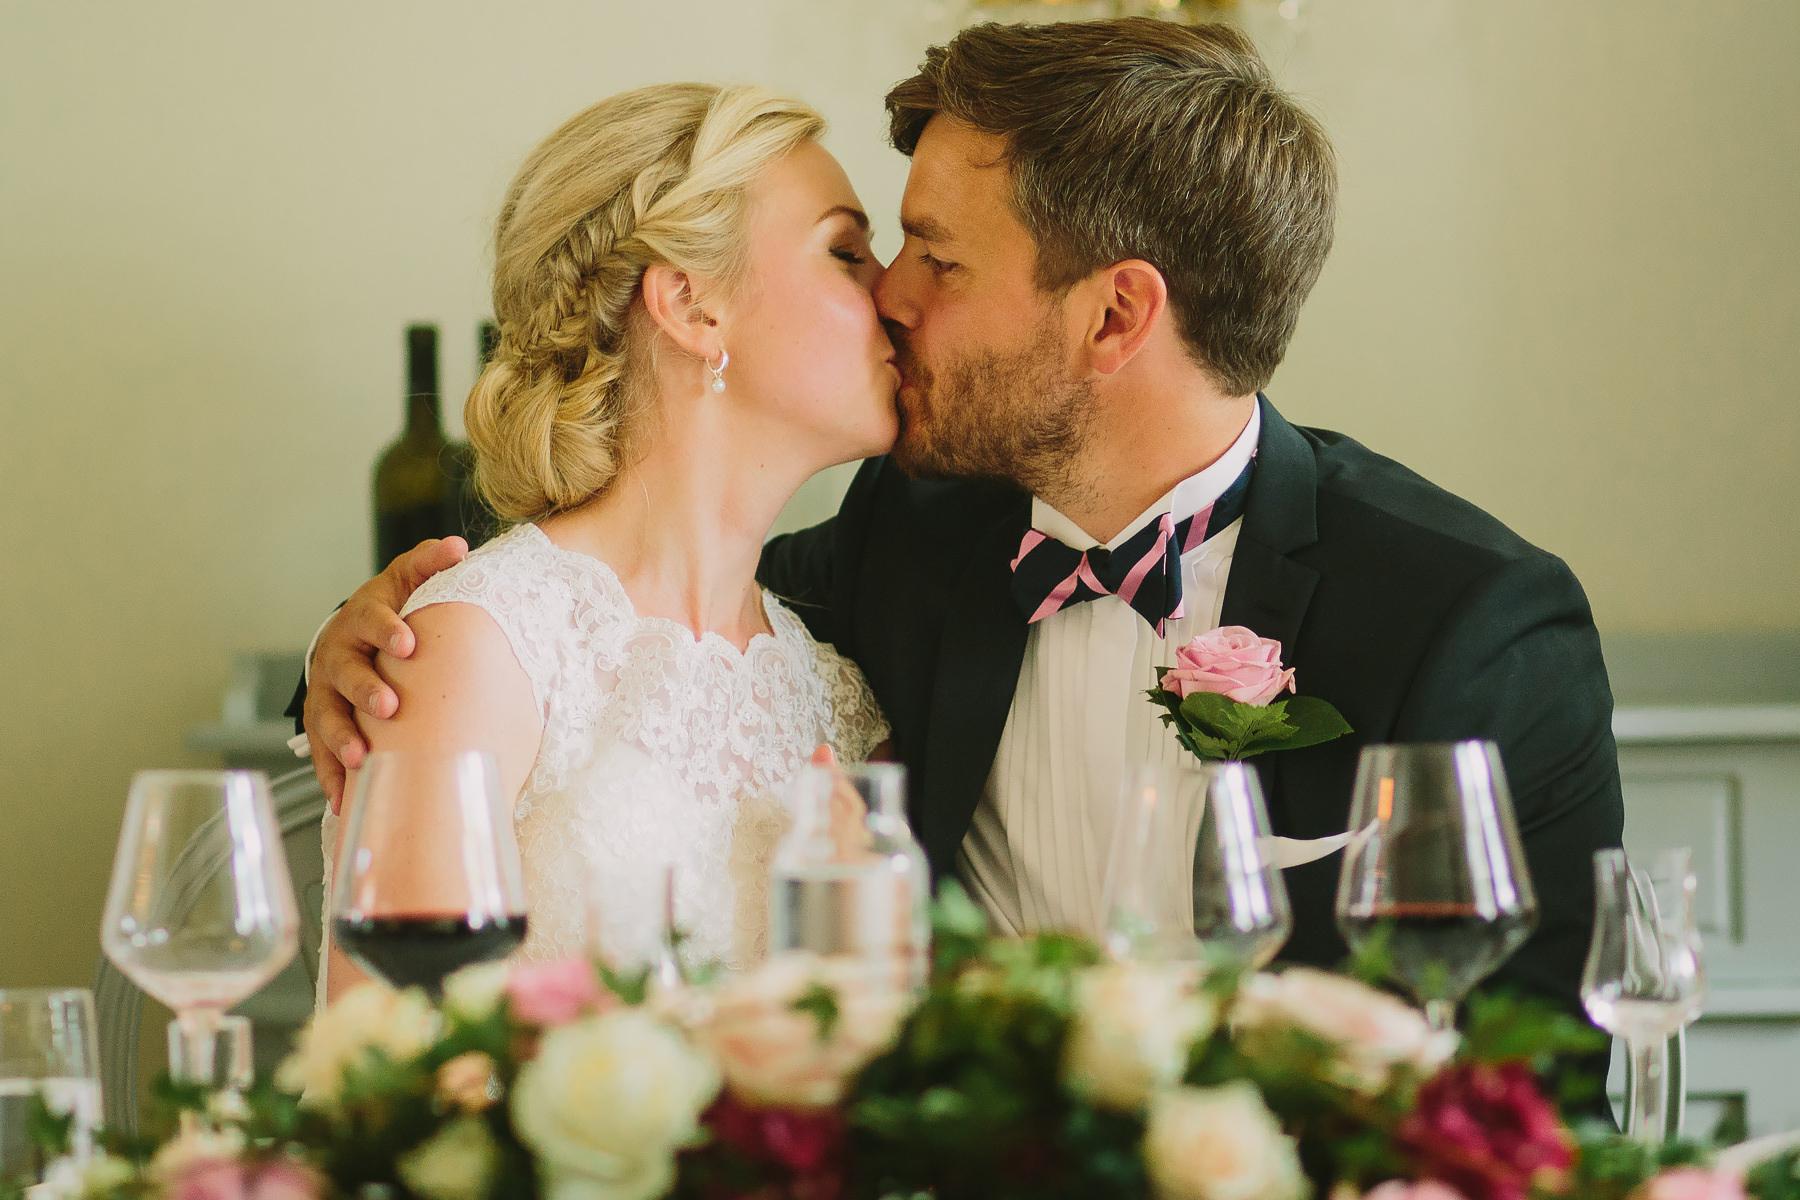 Brudparet kysser varandra under middagen